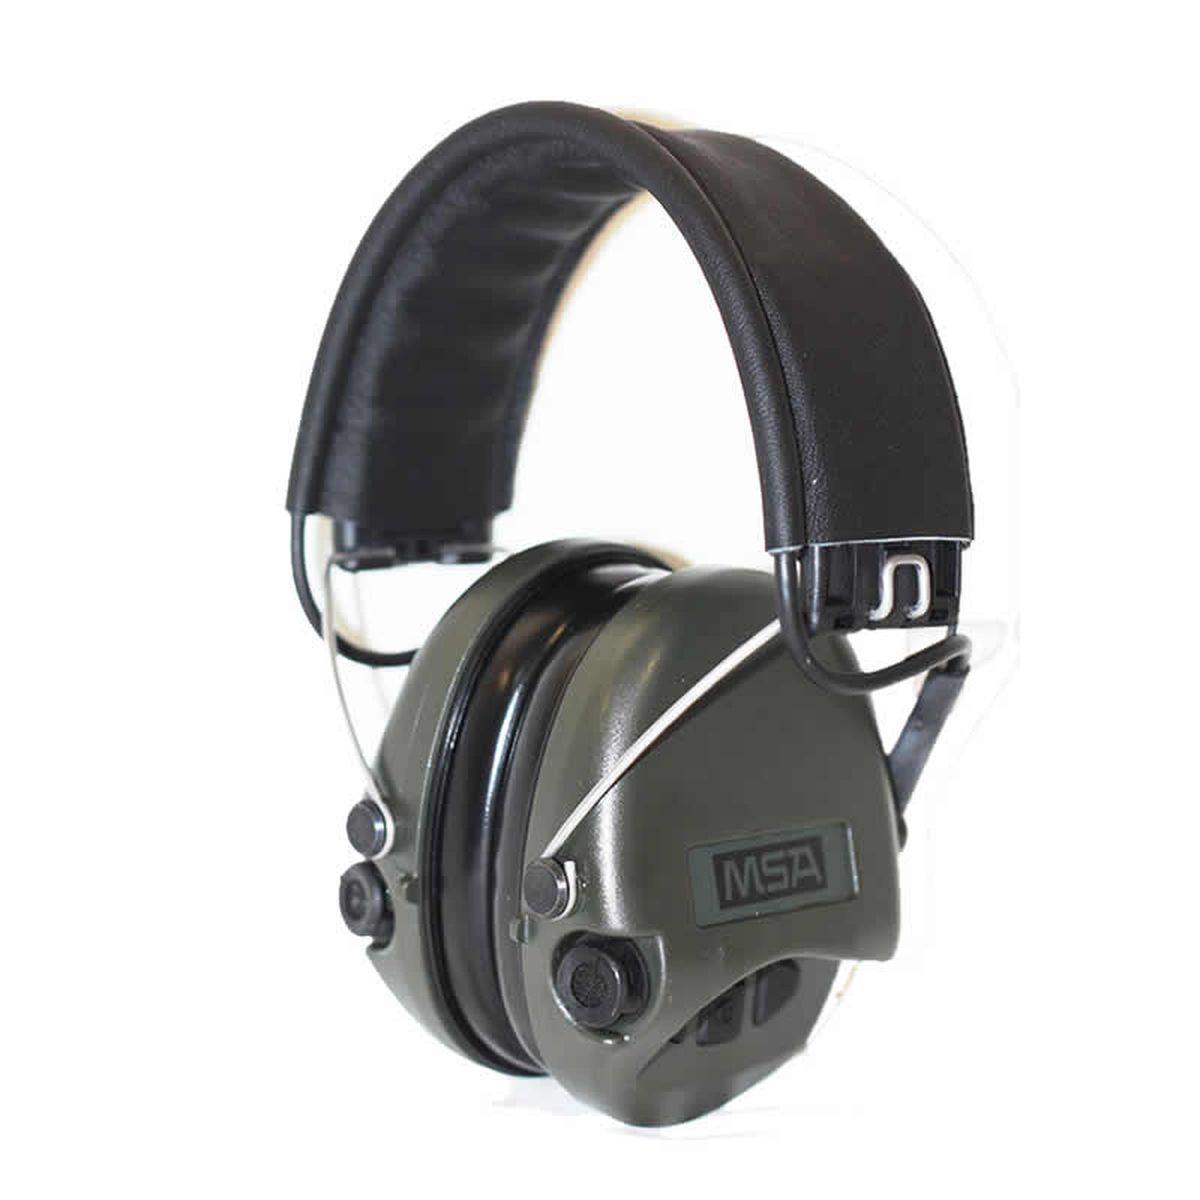 Наушники для стрельбы MSA Sordin Supreme Pro, активные527Активные наушники для стрельбы и охоты. Цвет ушных чашек – хаки. Усиливают слабый звук в 4 раза до 27 Дц и уменьшают шум до 82 Дц. Звуковая картинка на 360° градусов, звук Stereo. Два отдельных ветро-влагозащищенных микрофона. Звуковая пауза после отсечки шумовой волны менее 0,6 сек. Широкие кнопки включения с регулировкой громкости звука – 4 положения. Складные соединительные дужки, из прочной проволочной стали, покрытой антикоррозийным лаком. Дужки отделаны кожей. Предусмотрено прослушивание аудиозаписей через плеер/телефон, но основная функция – прослушивание сообщений через переносную радиостанцию. . Автоматическое отключение через 4 часа после начала использования. Предупреждение звуковым сигналом за 40 часов о низком заряде батареи. В комплекте две батарейки ААА, разъём AUX 3,5 мм., кабель. Вес: 310 гр. Гарантия 1 год.